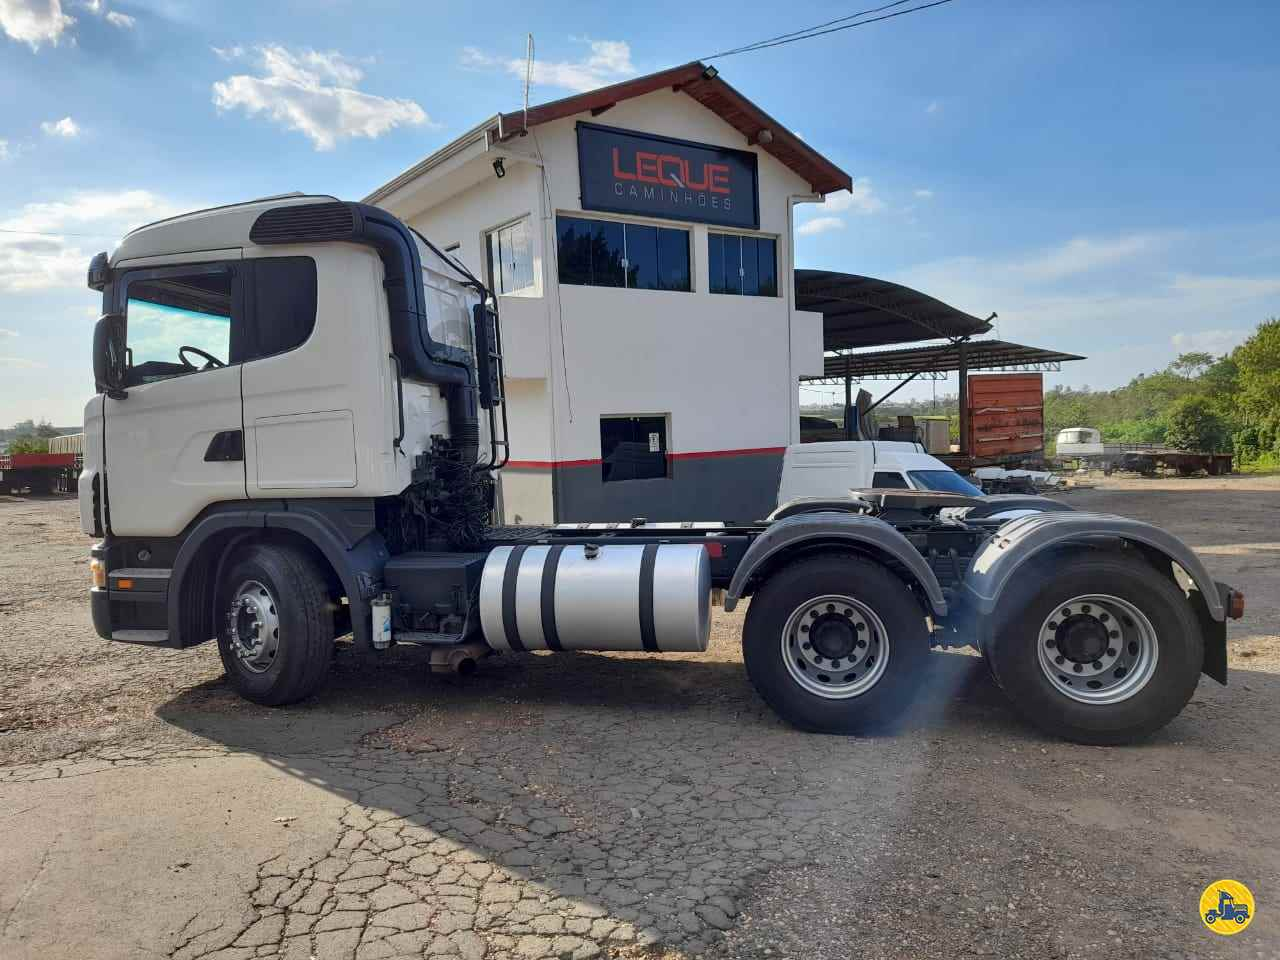 CAMINHAO SCANIA SCANIA 470 Cavalo Mecânico Traçado 6x4 Leque Caminhões  PIRACICABA SÃO PAULO SP